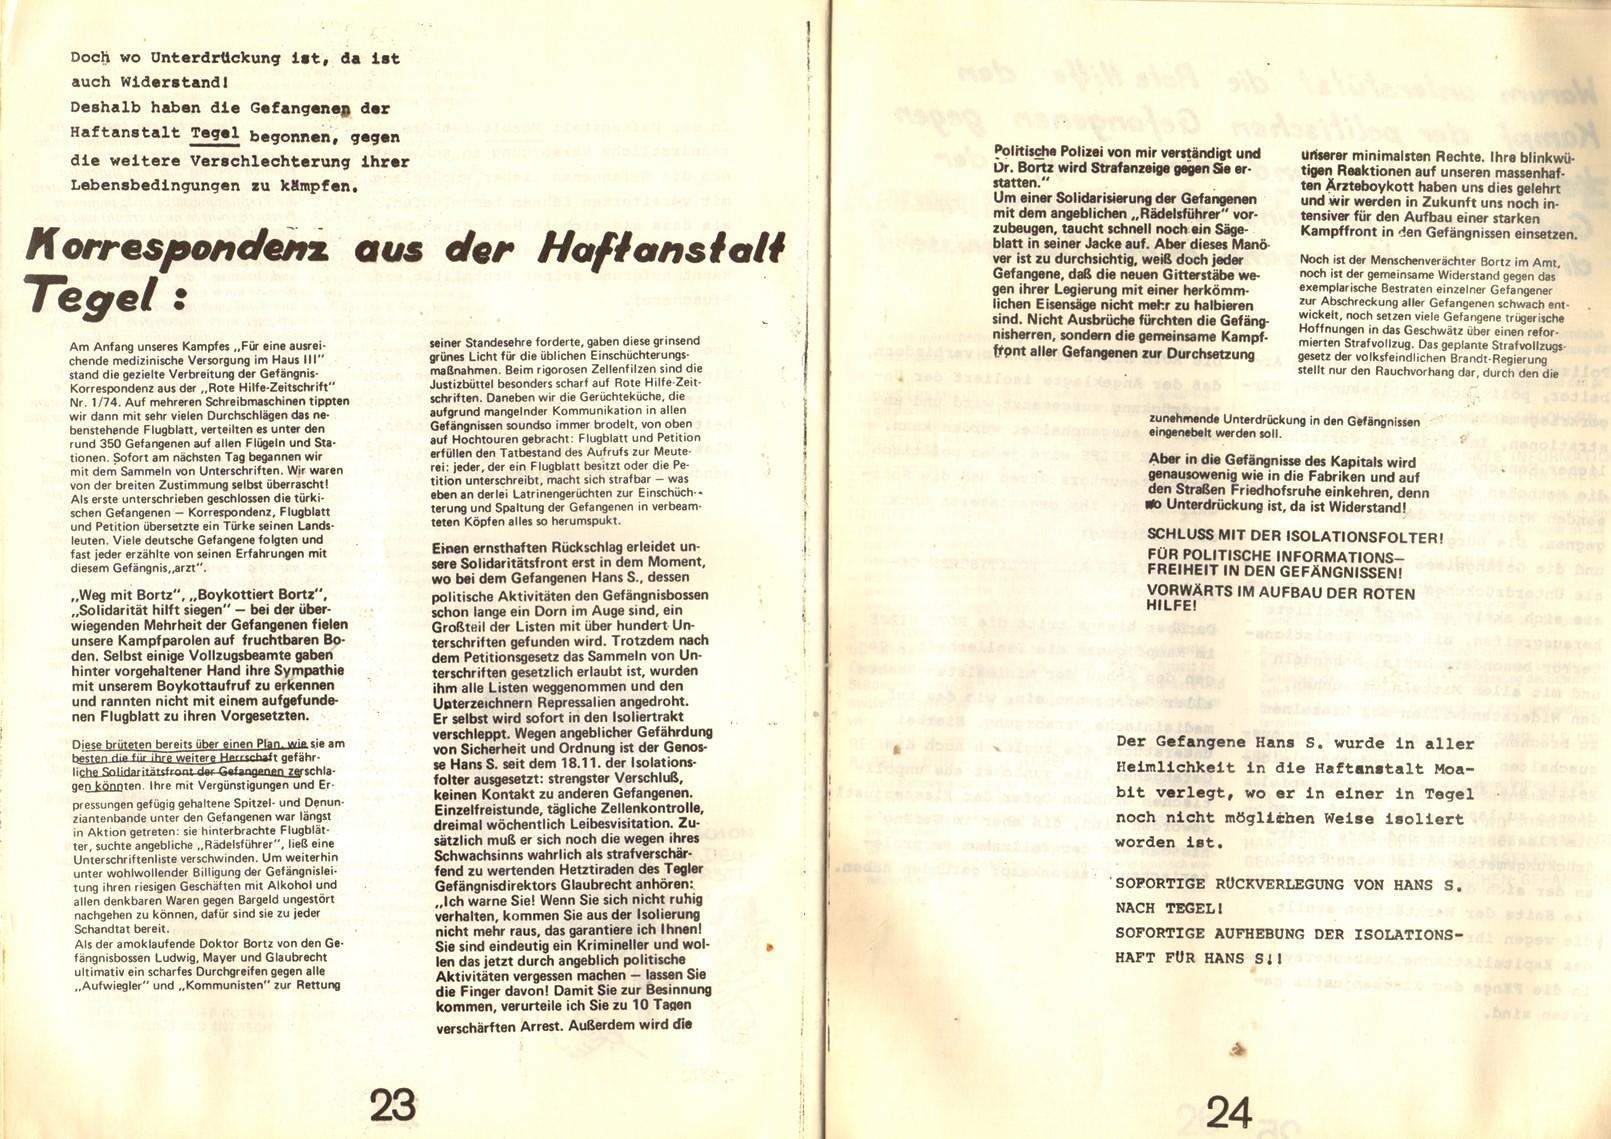 Berlin_RHeV_1974_Schluss_mit_der_Isolationsfolter_13